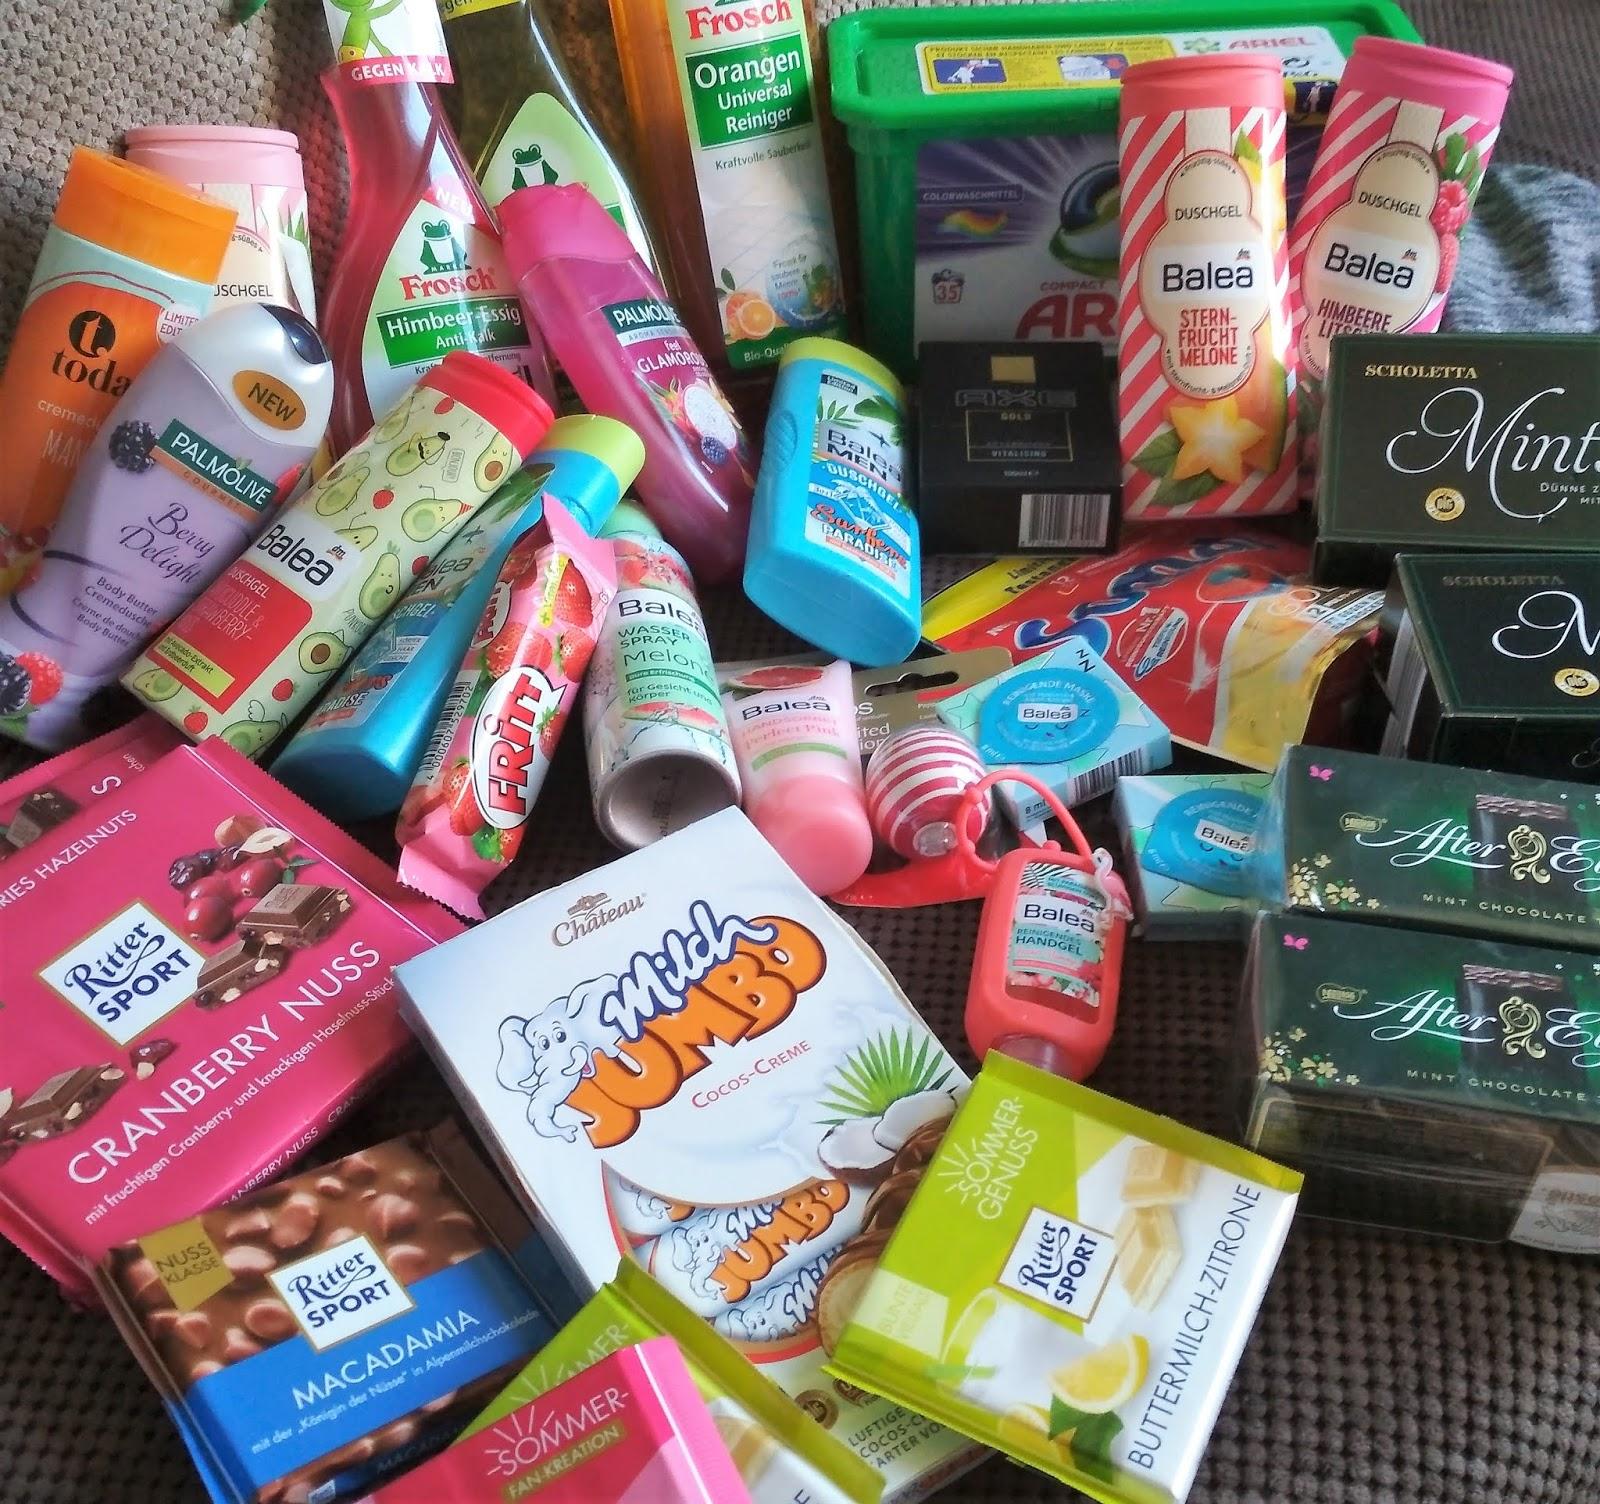 nowości, zakupy, przesyłki, paczki, dary losu, kosmetyki,nowości czerwca 2018, paczka, przesyłka, box,